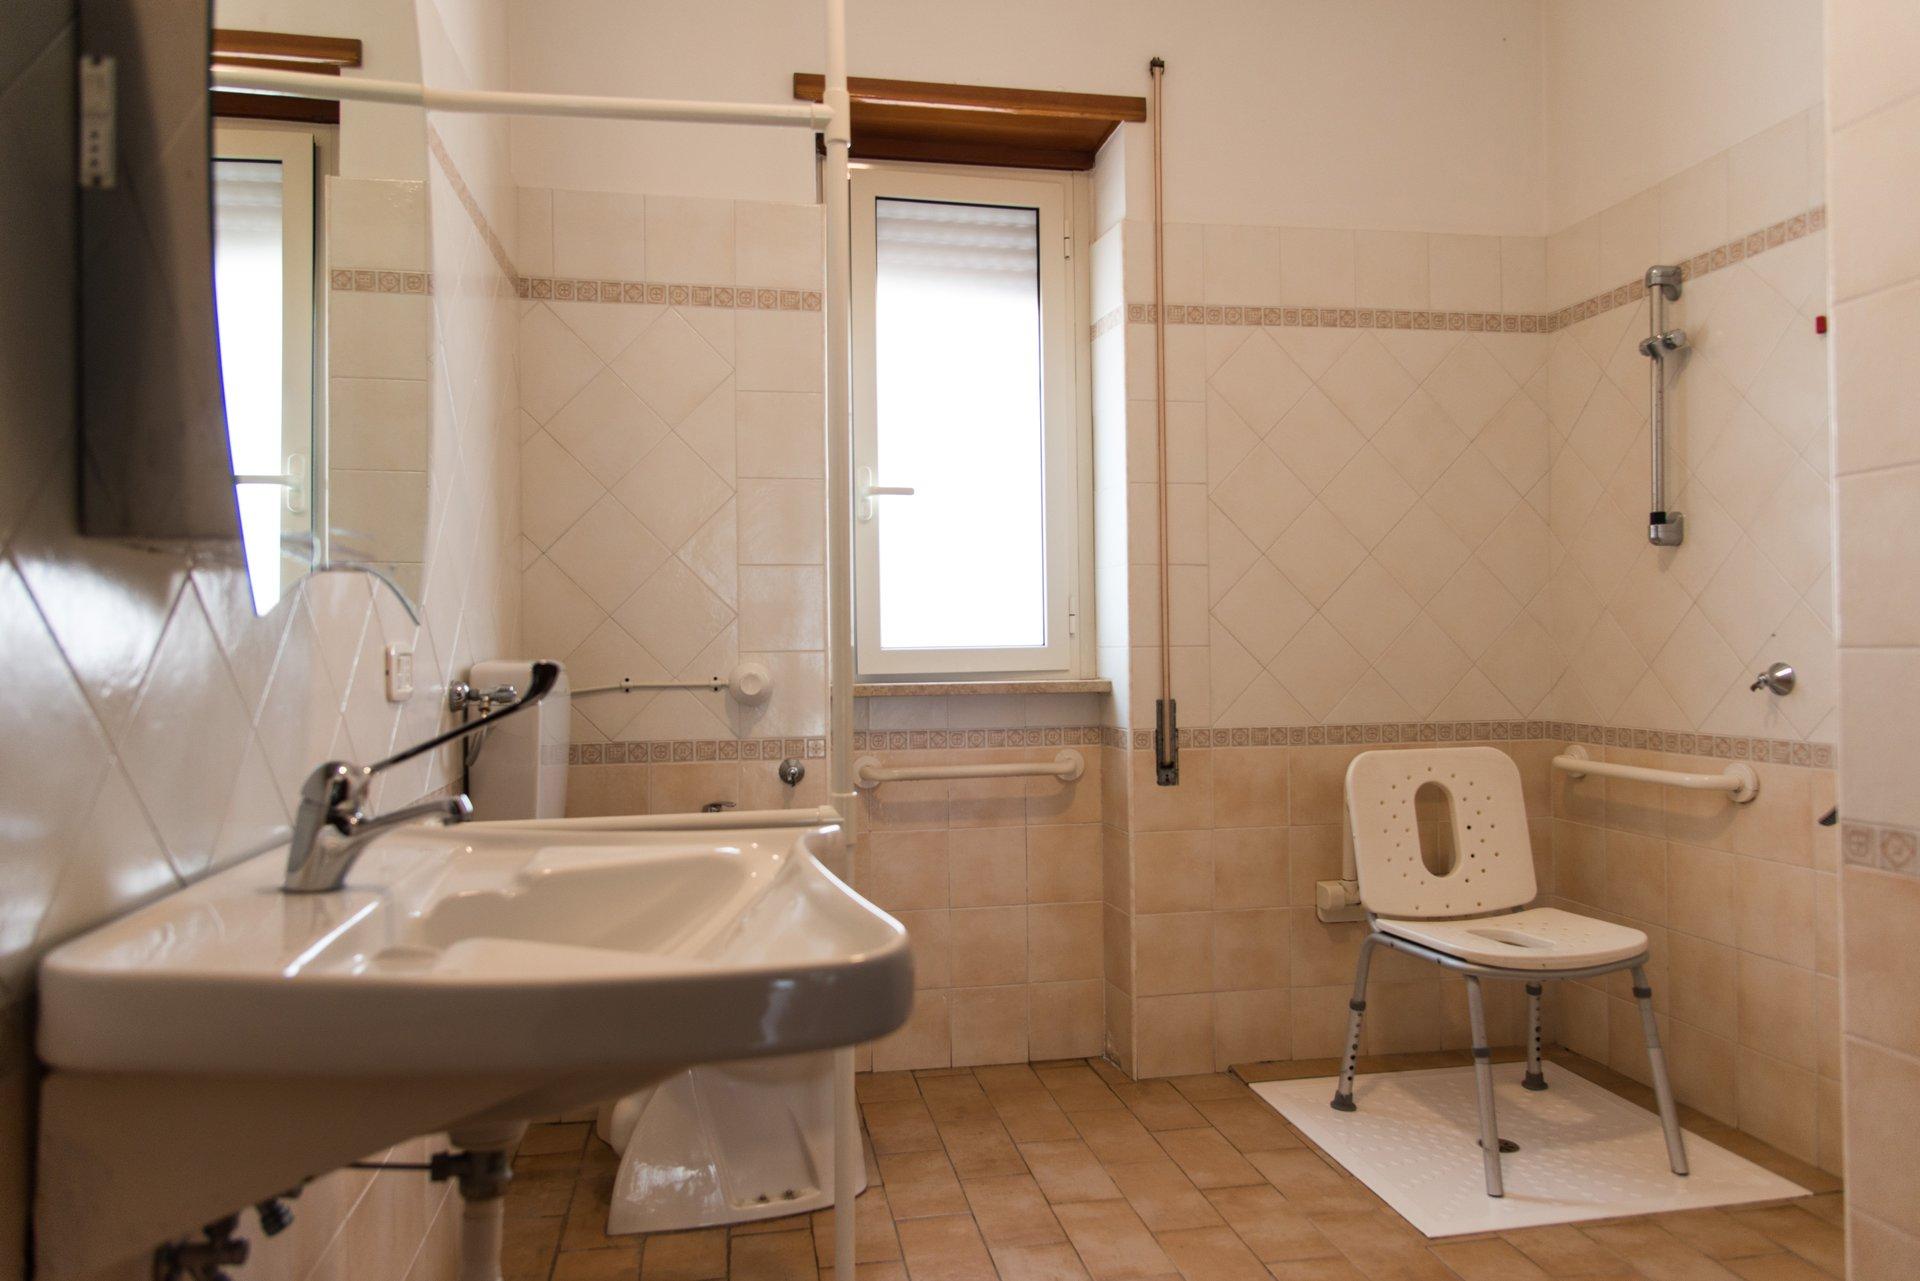 lavandino, finestra e sedia